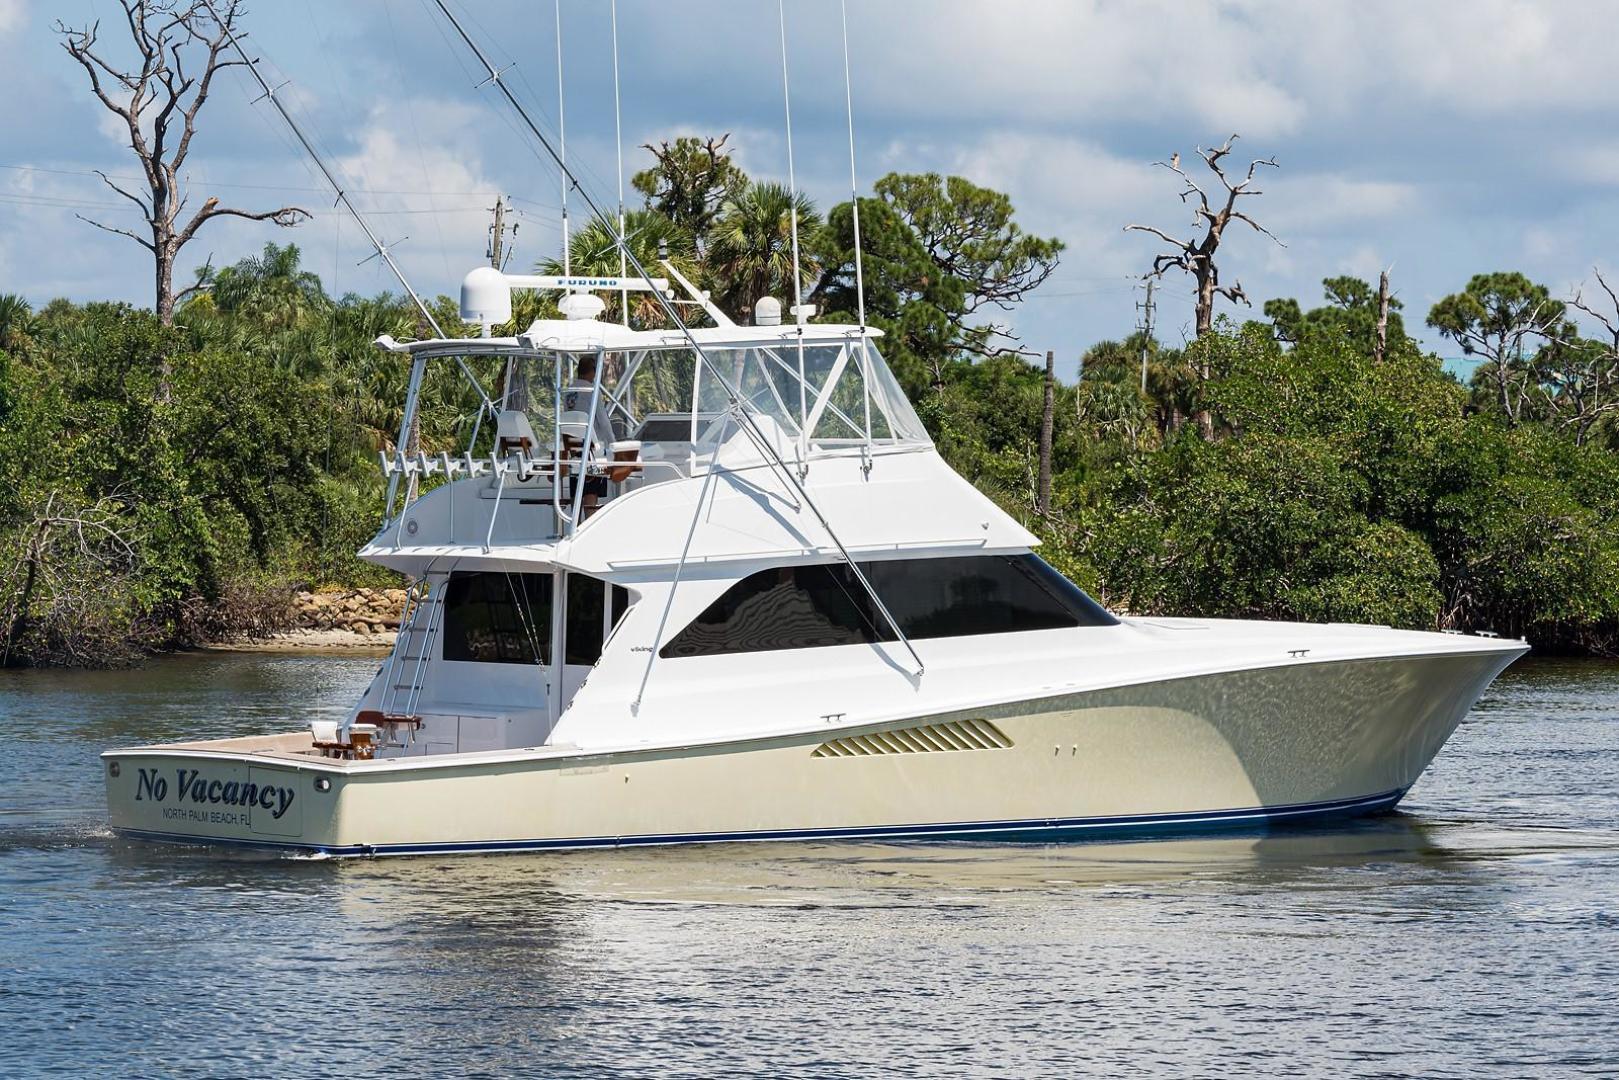 Viking-Convertible 2001-No Vacancy Palm Beach Gardens-Florida-United States-No Vacancy-1499912 | Thumbnail